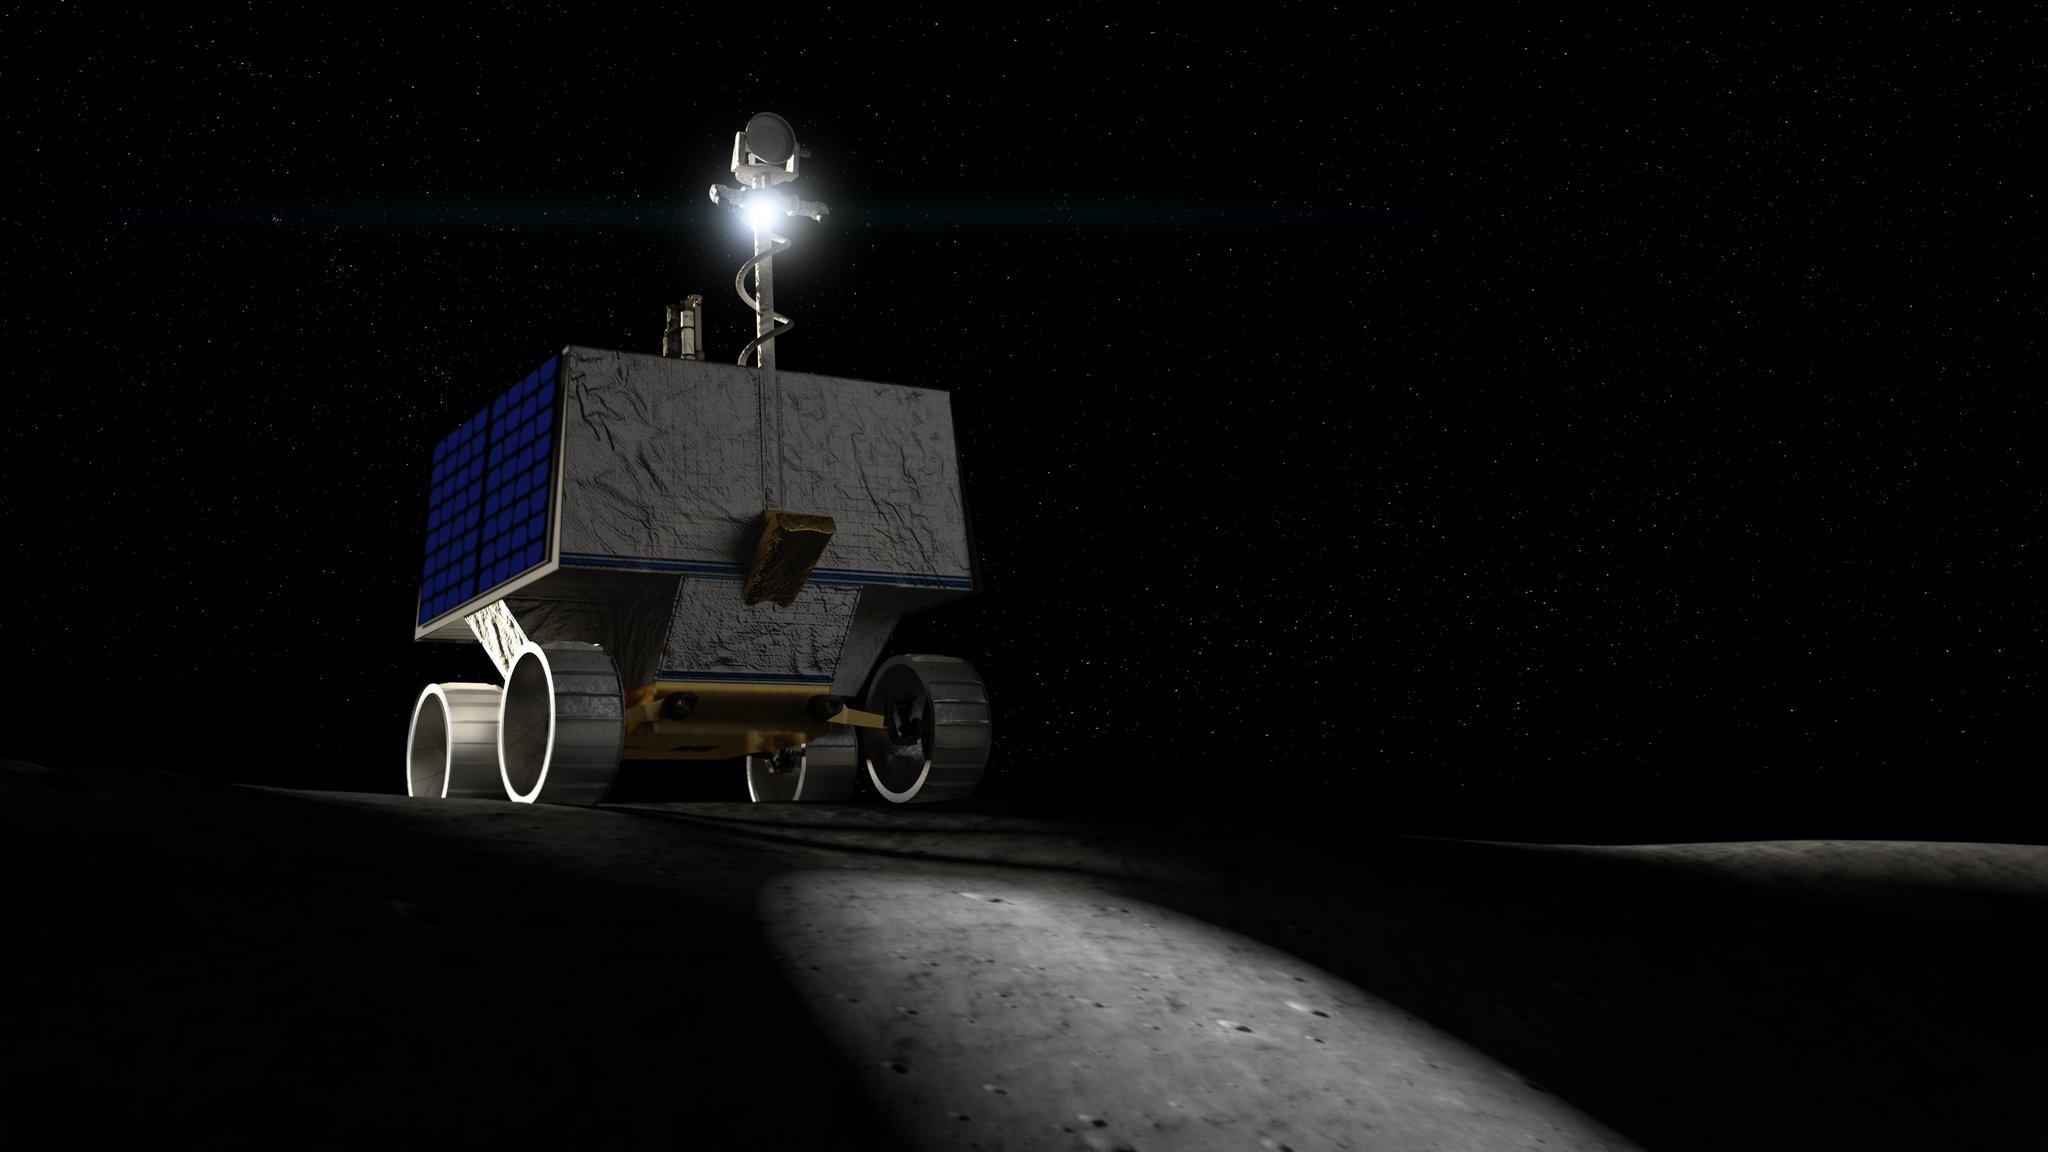 Imaginea 1: Roverul selenar VIPER al NASA, care pregătește revenirea echipajelor de astronauți pe Lună (CGI, sursă:/NASA/)